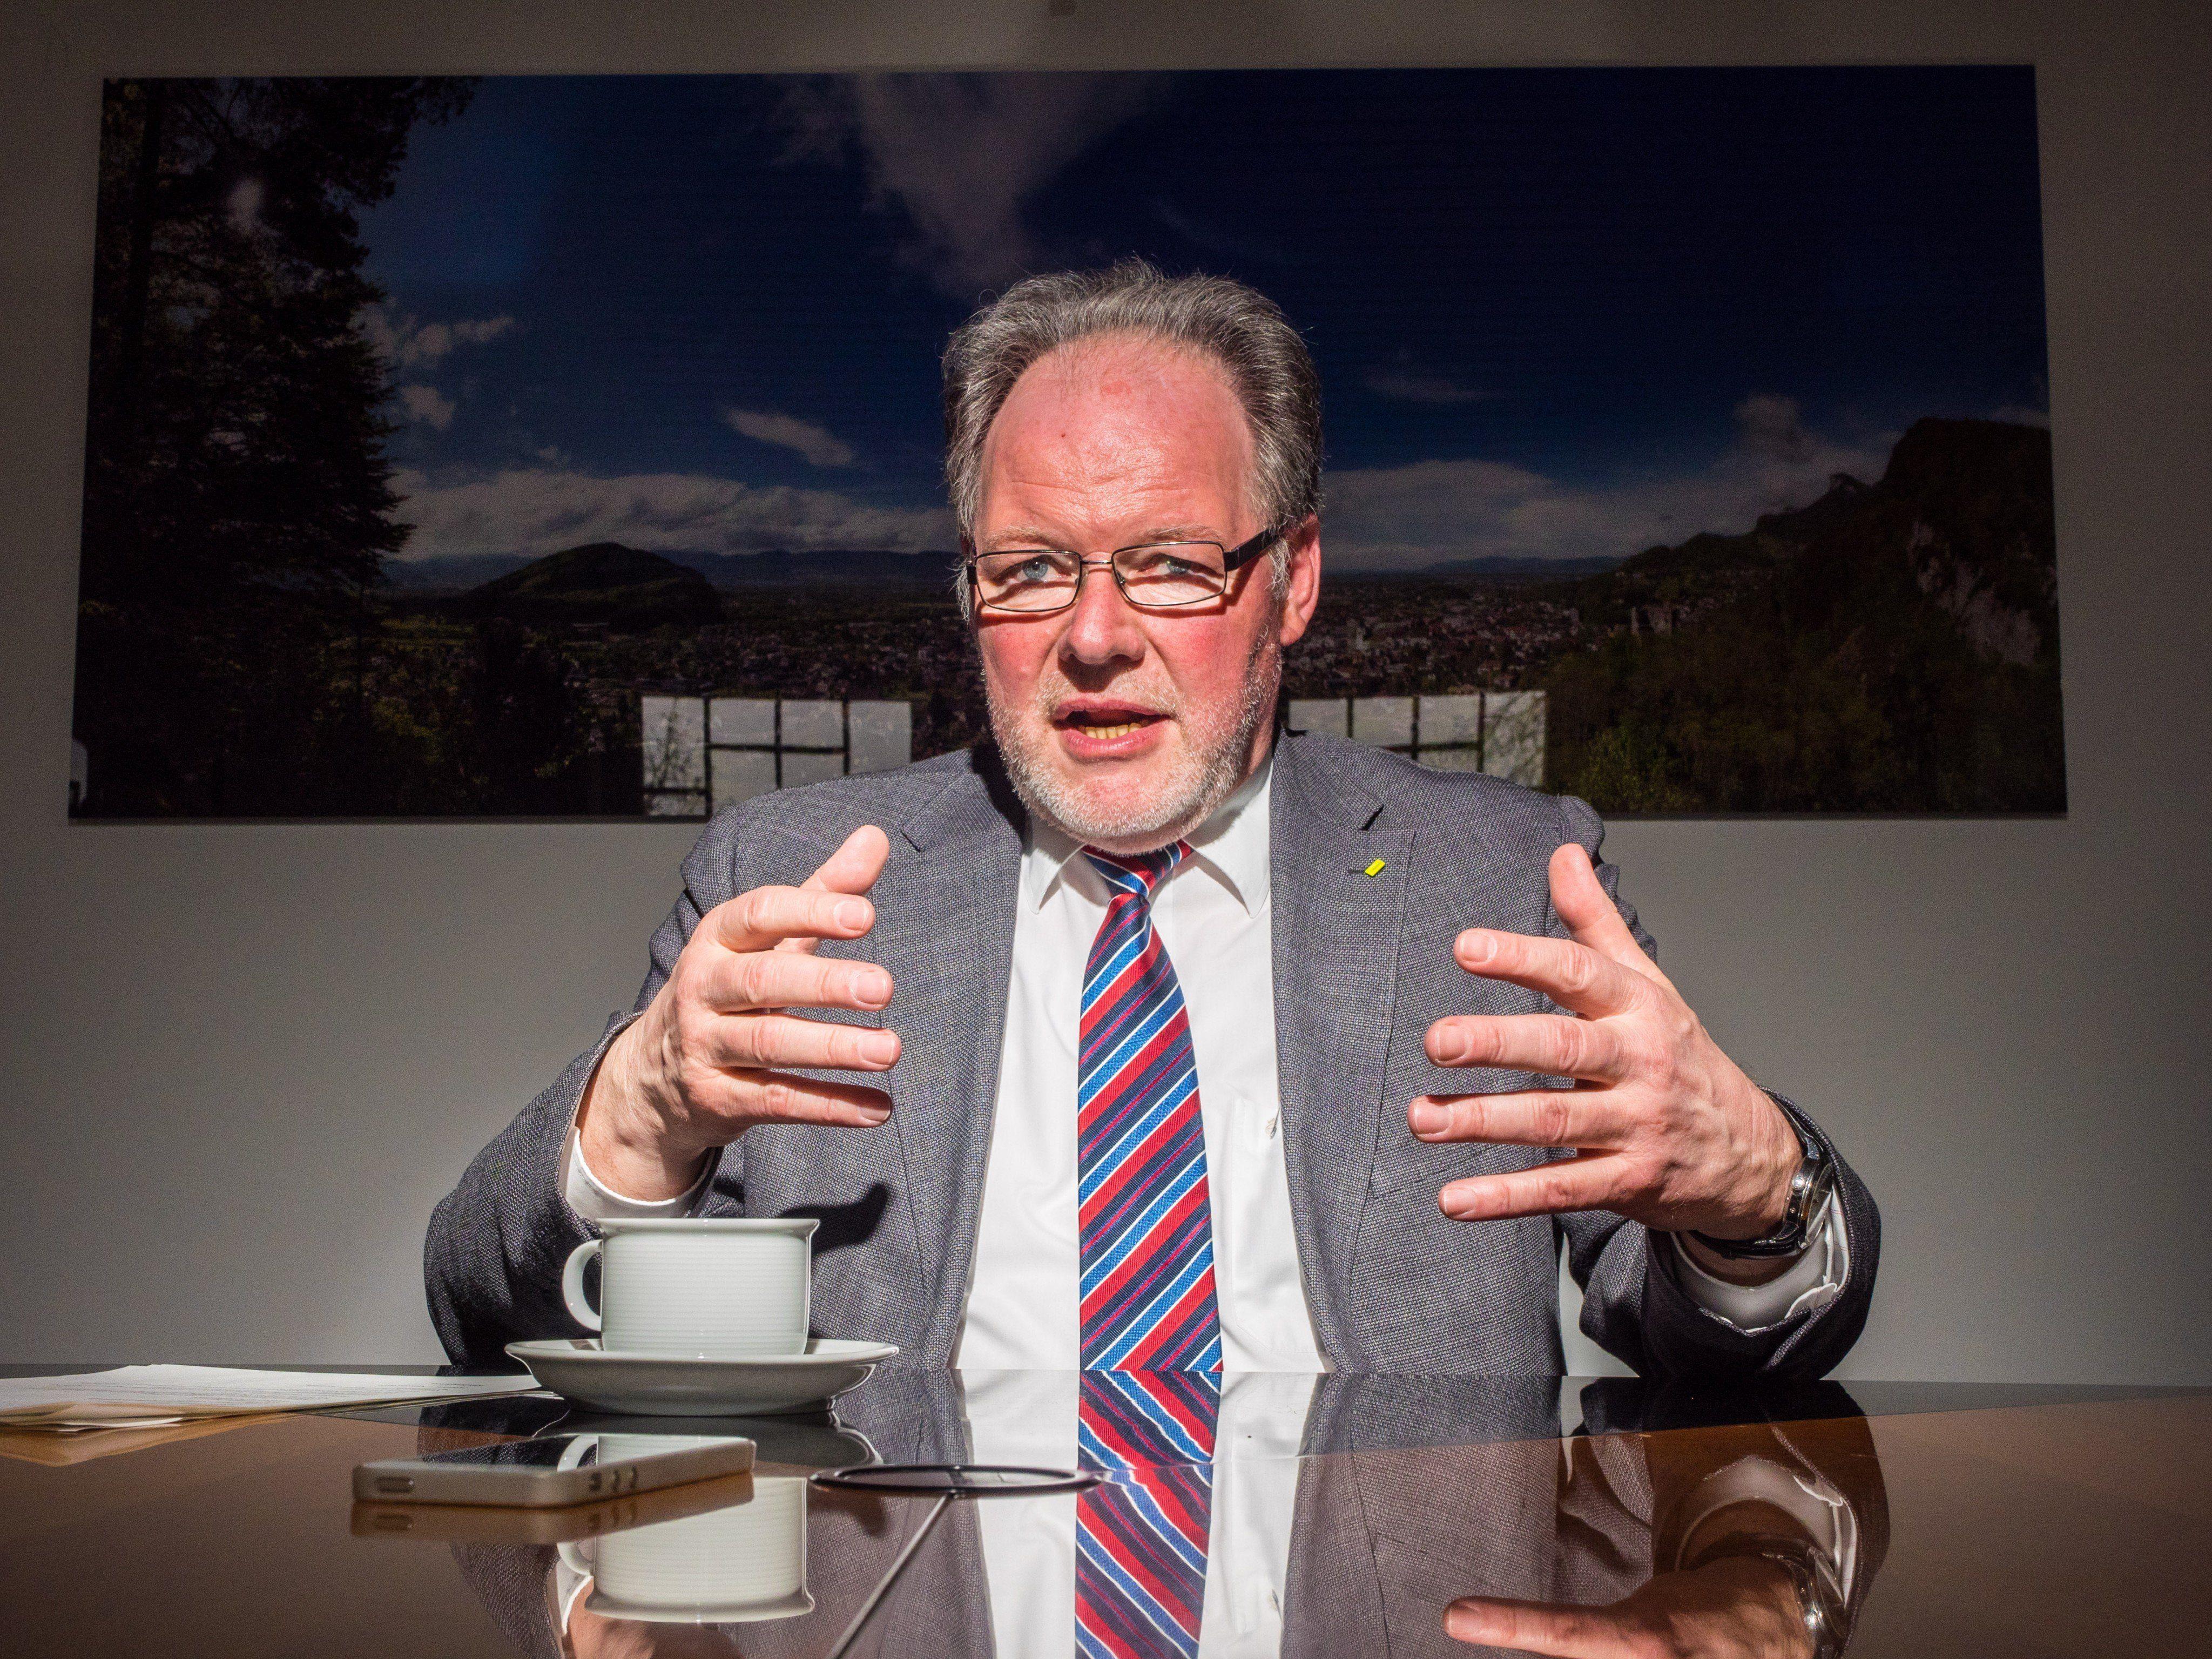 Die Ära von Werner Huber als Götzner Gemeindeoberhaupt endet am Montag mit der Neuwahl des Bürgermeisters.